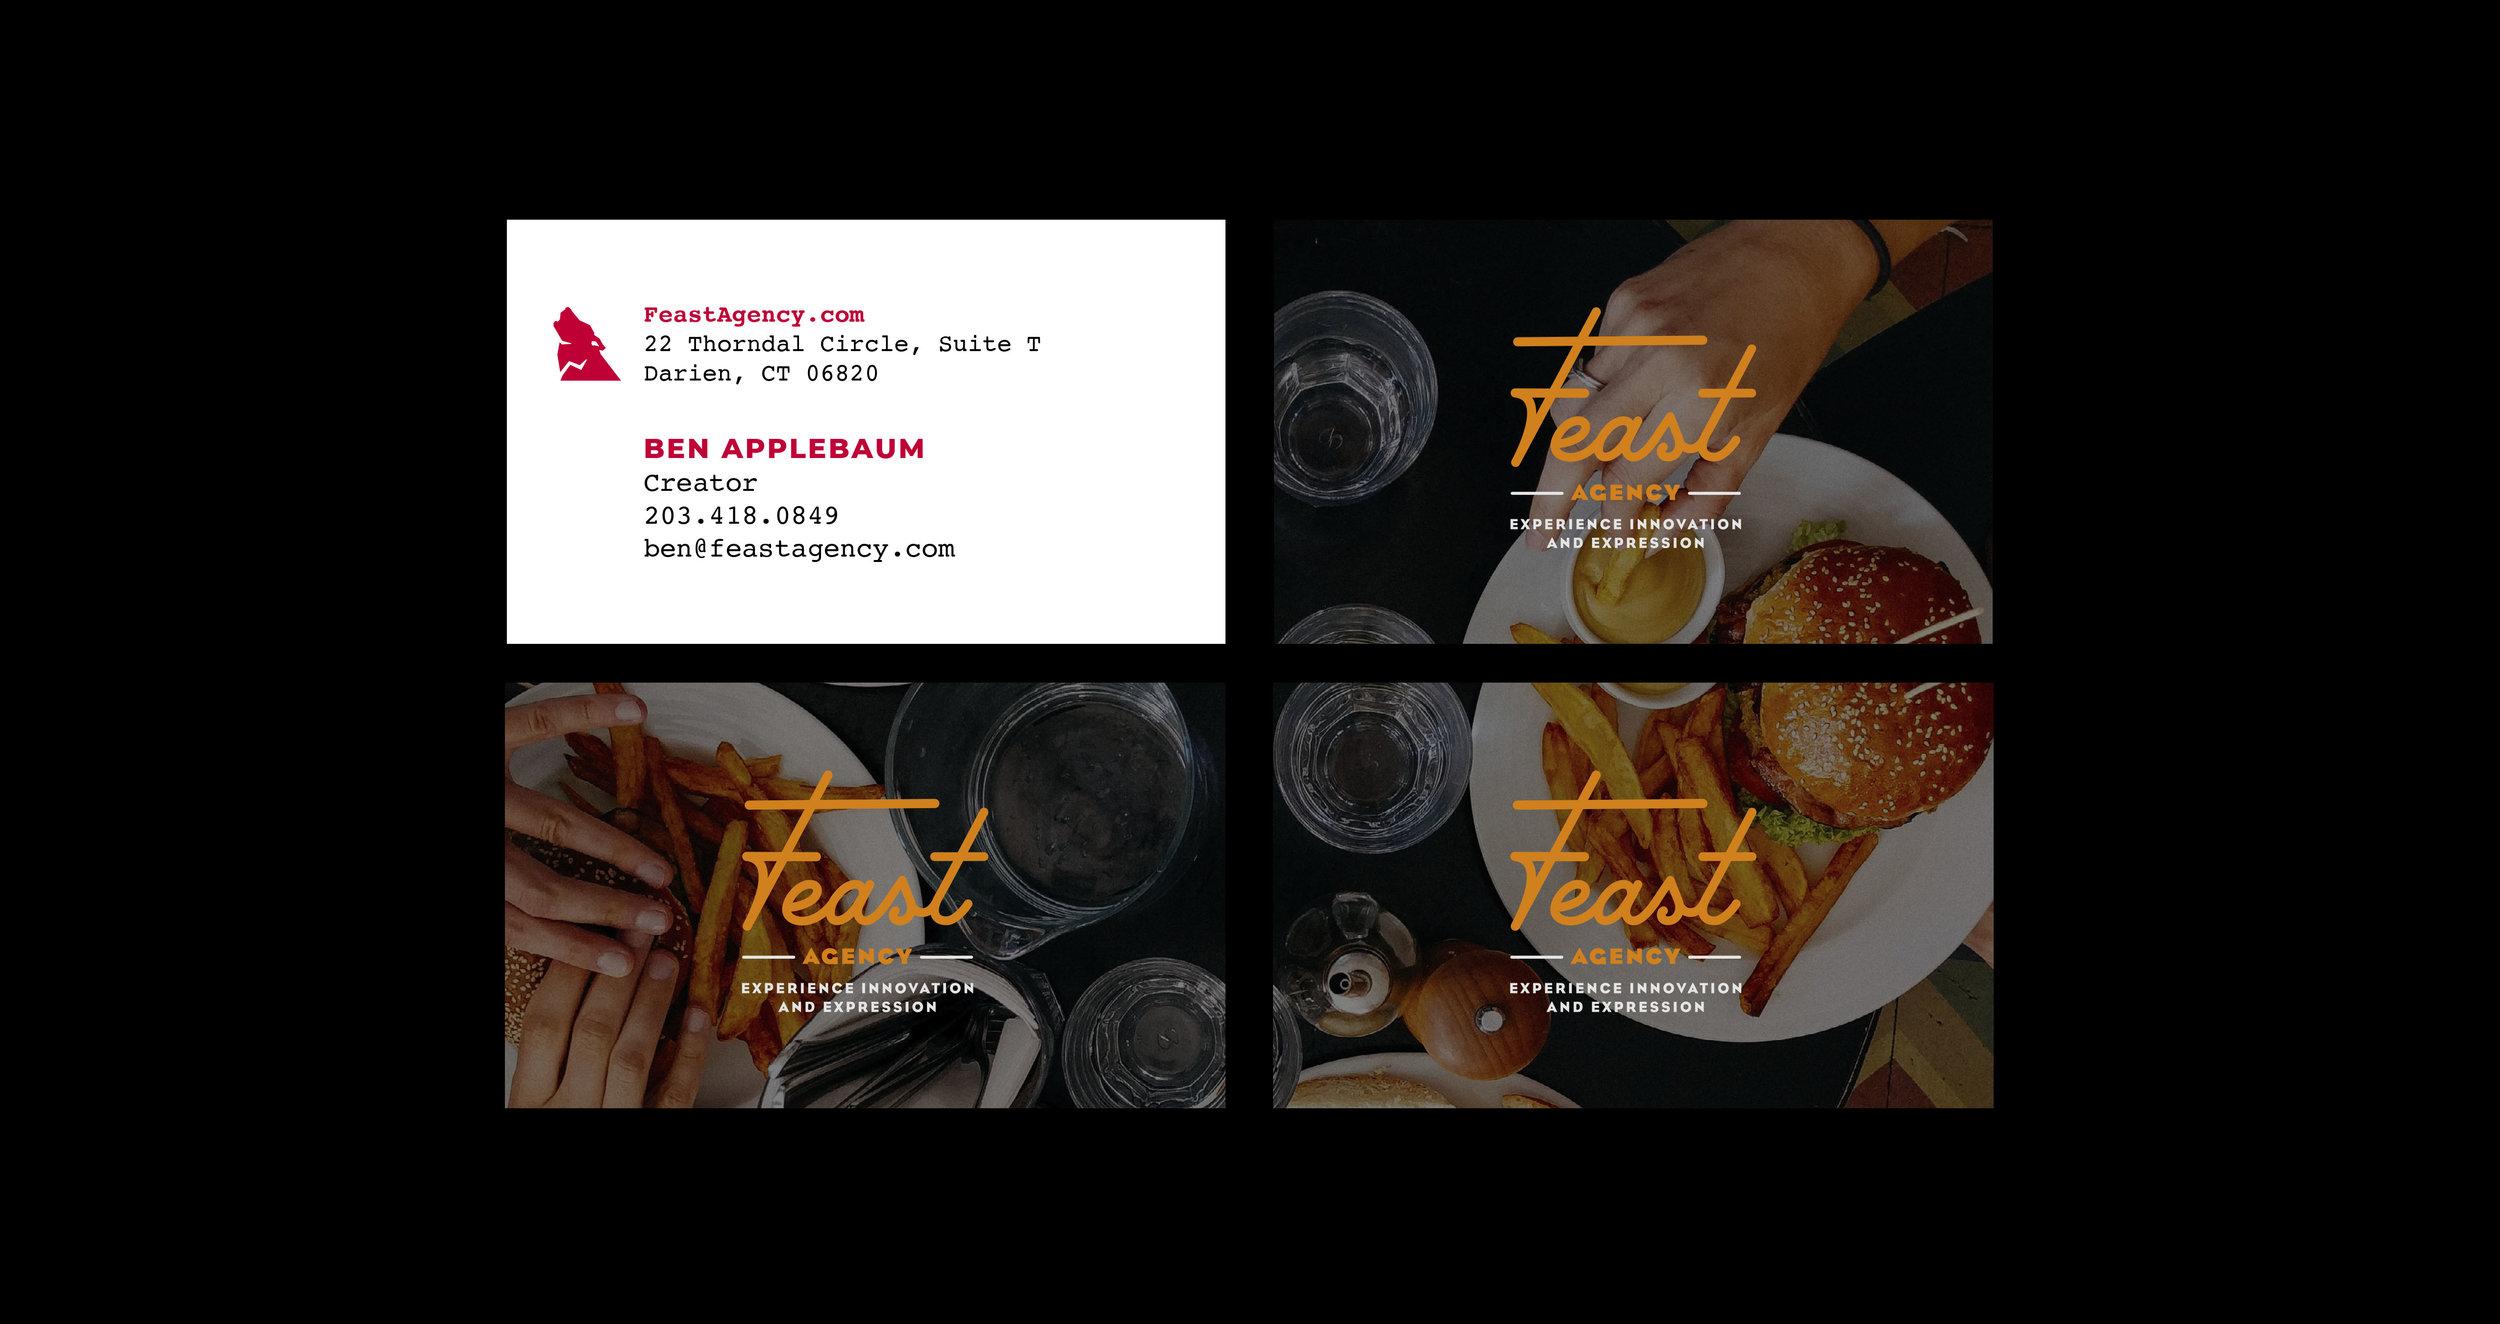 Feast_Edited-4.jpg